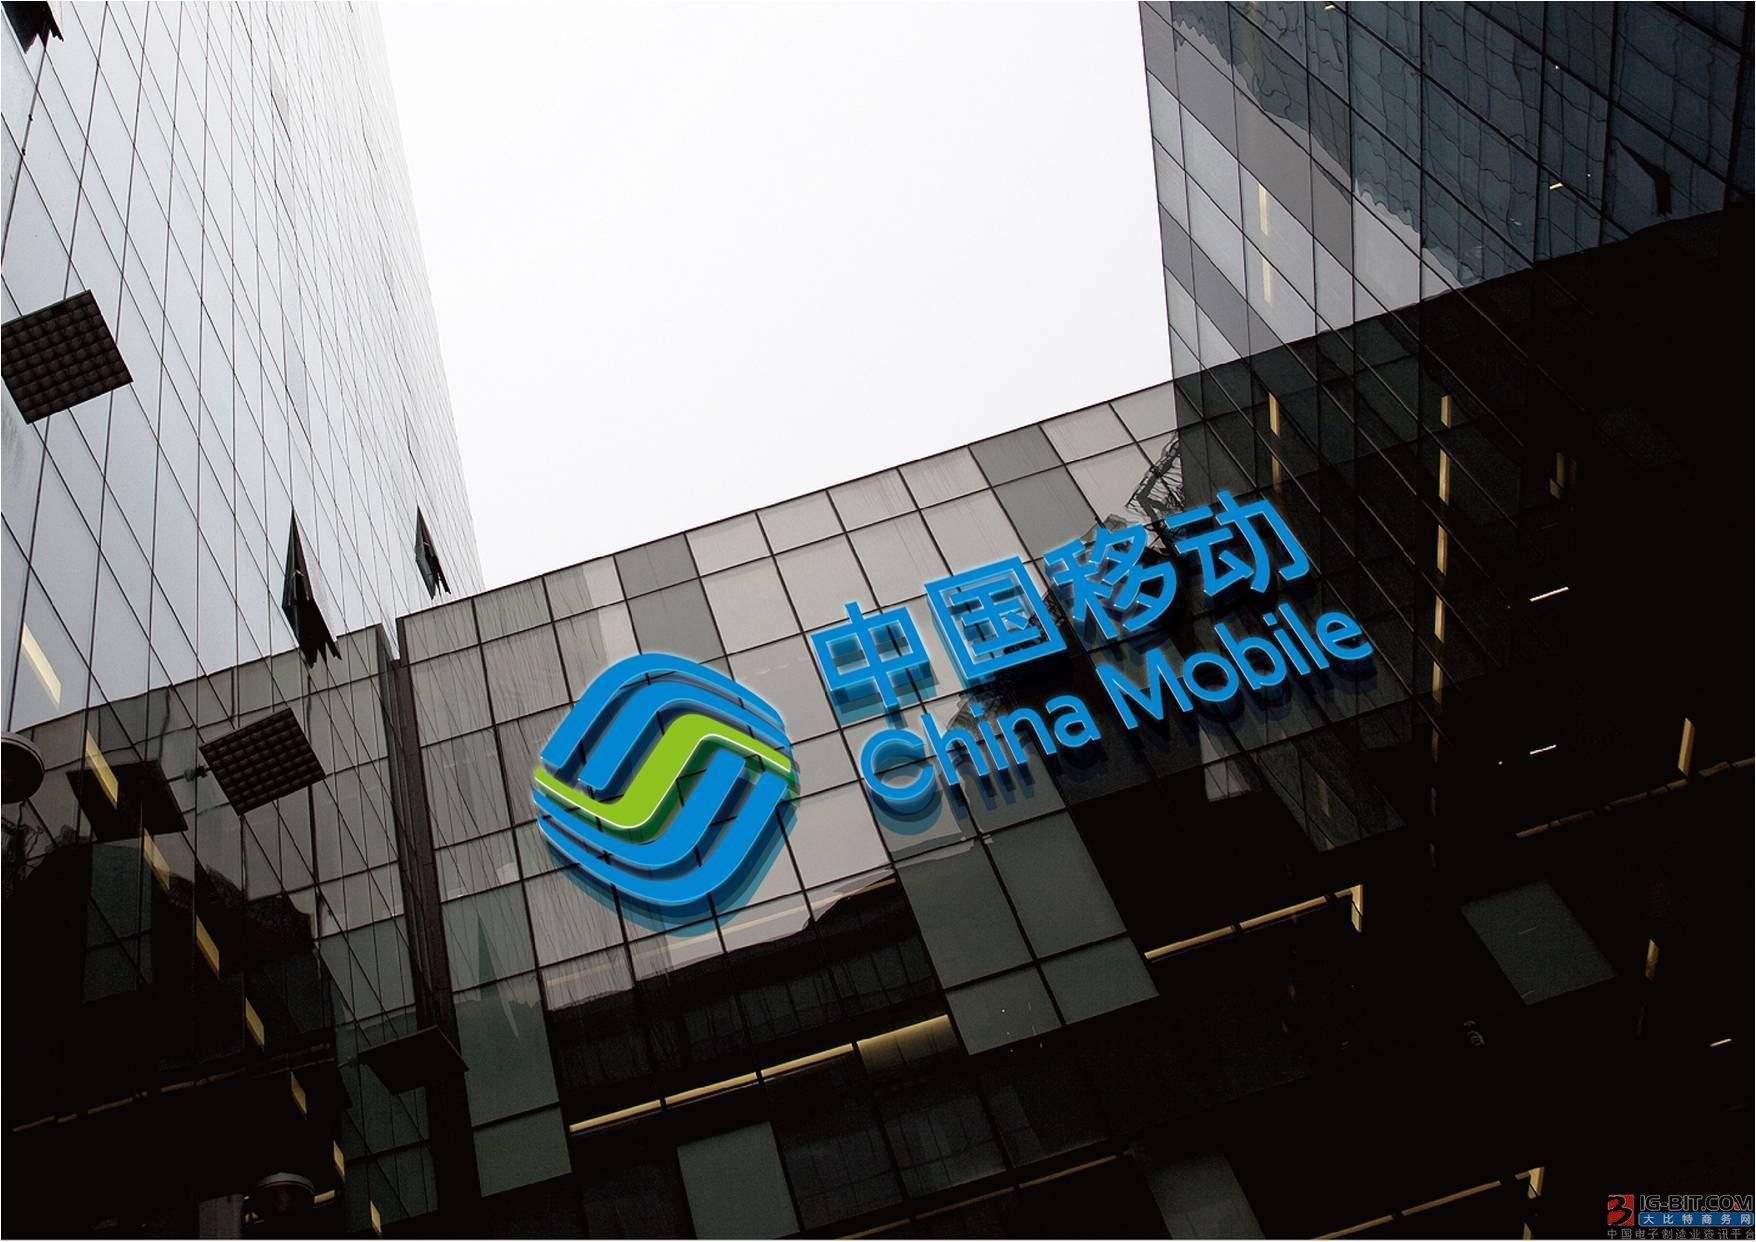 中国移动在5G应用方面已实施落地